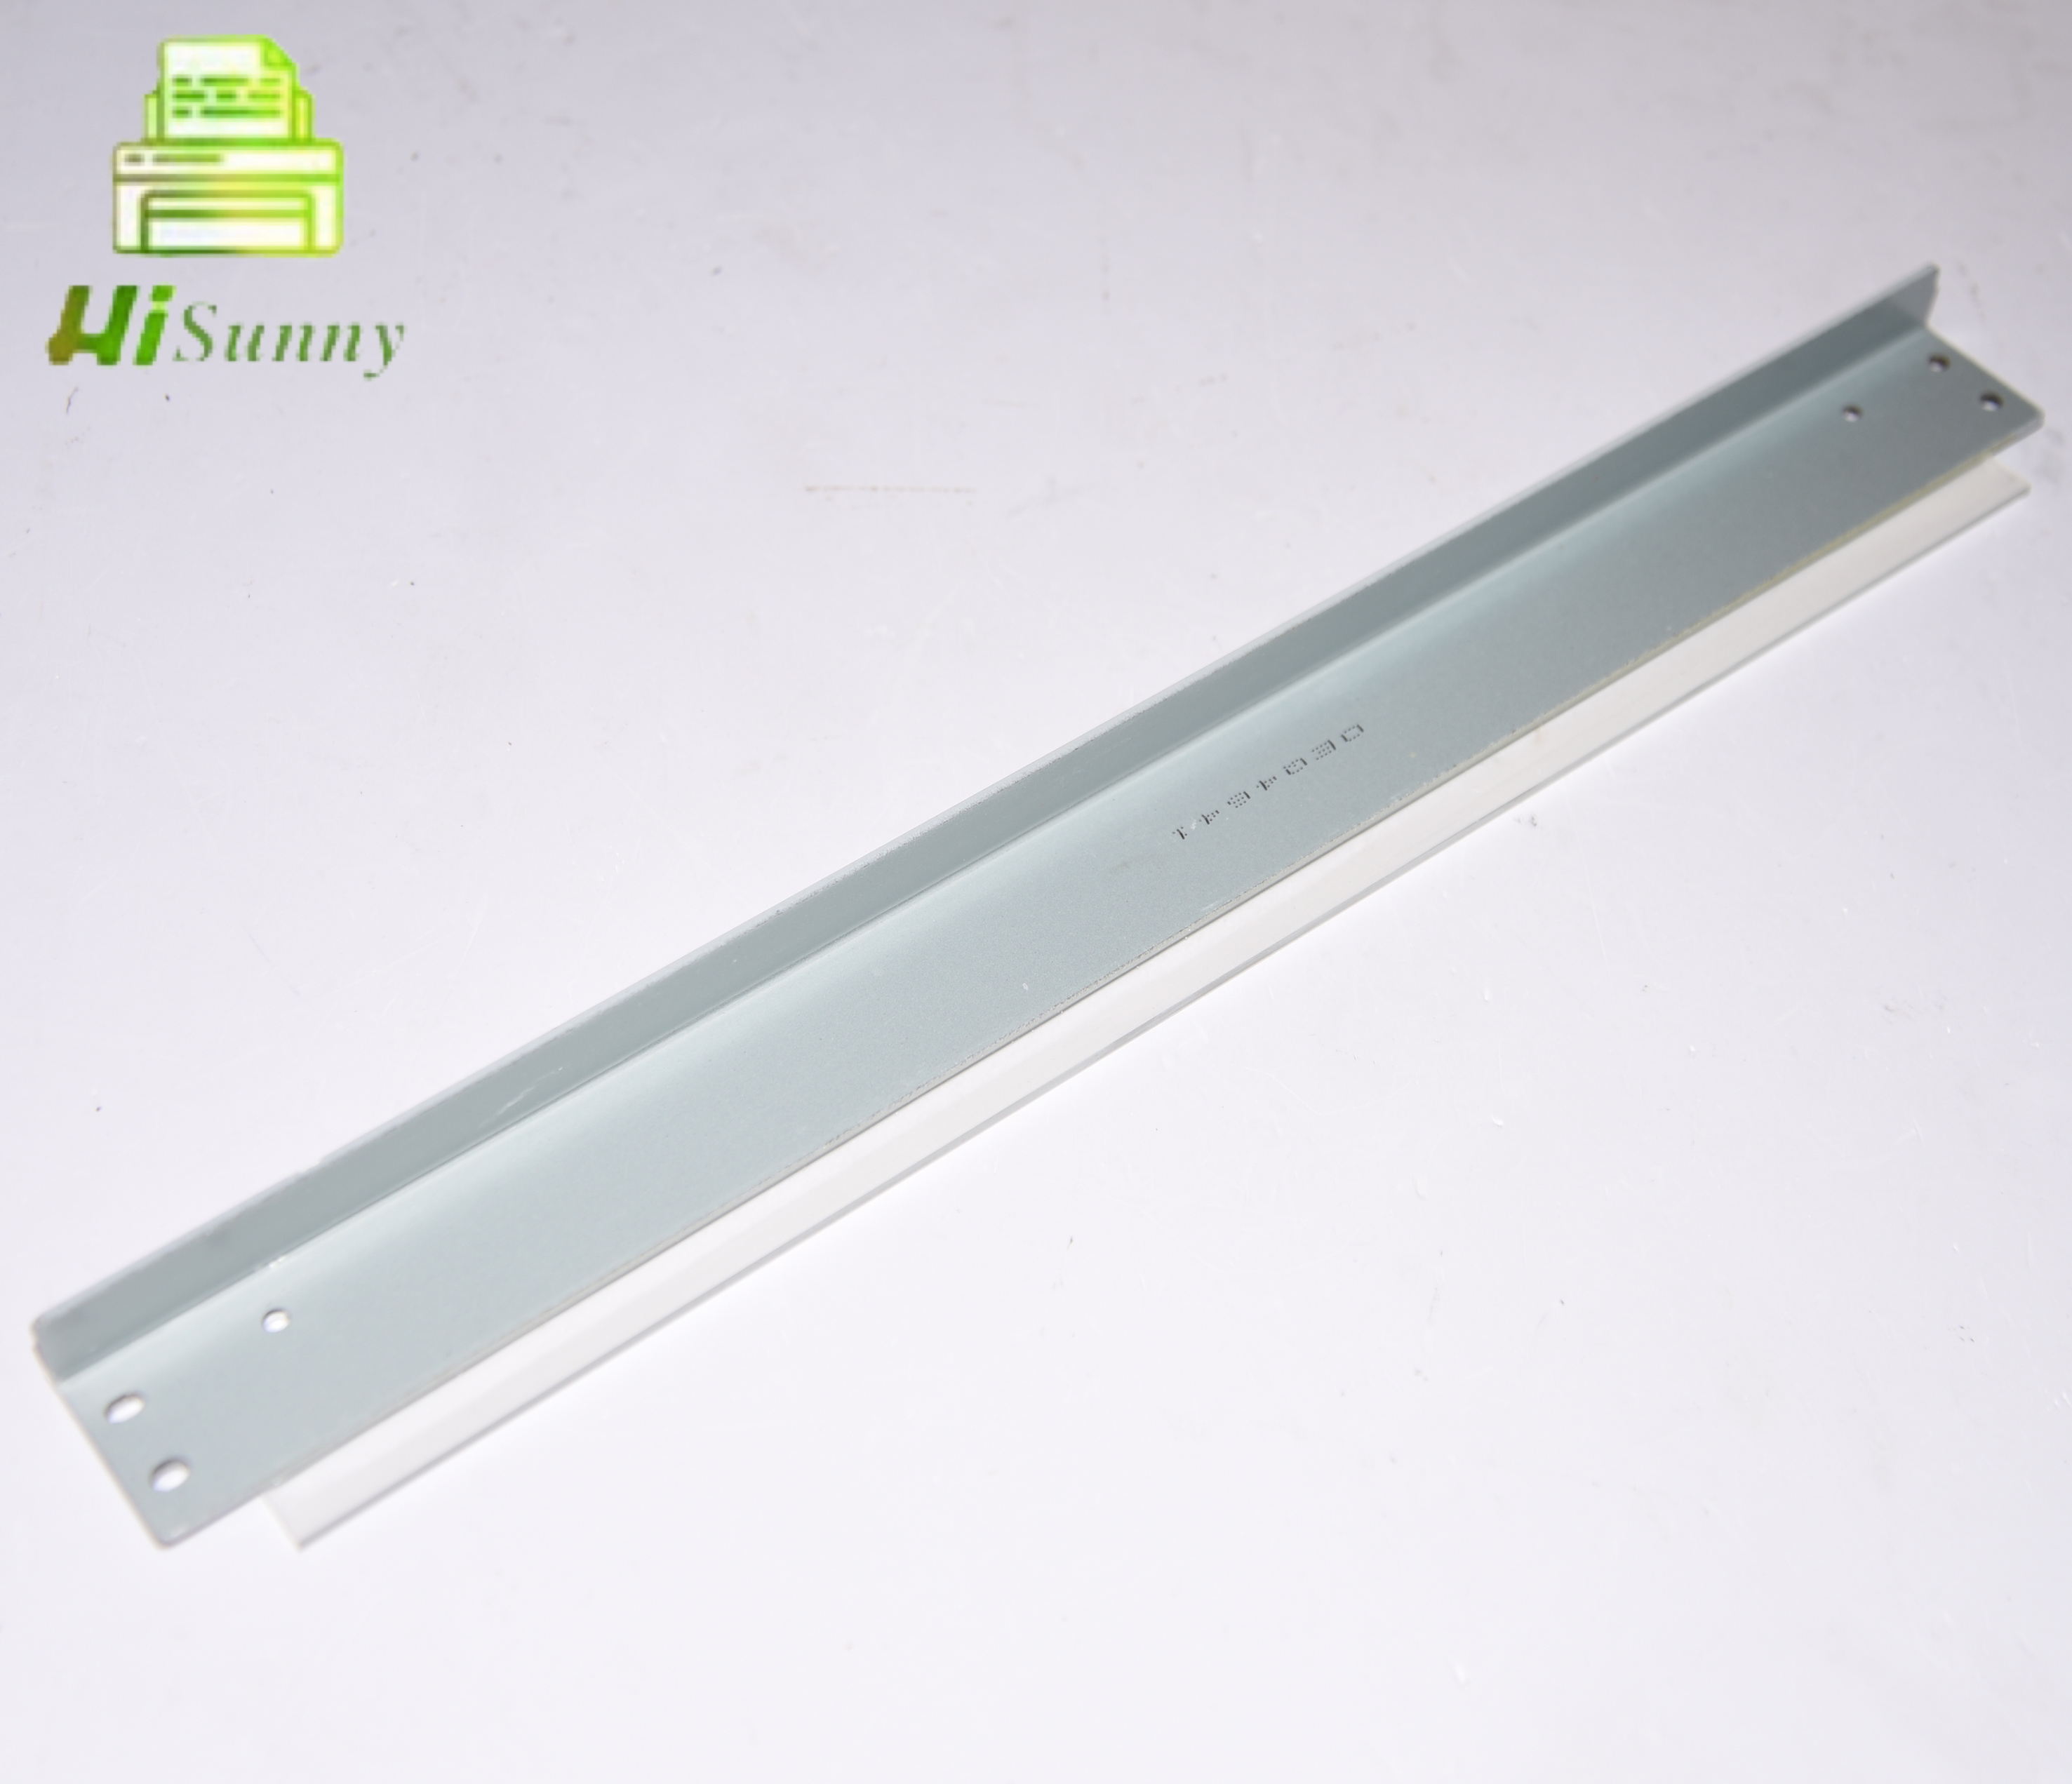 5pcs grau a para panasonic dp8016 dp1520 dp1820 1515p 8016 1520 1820 1515 lamina de limpeza